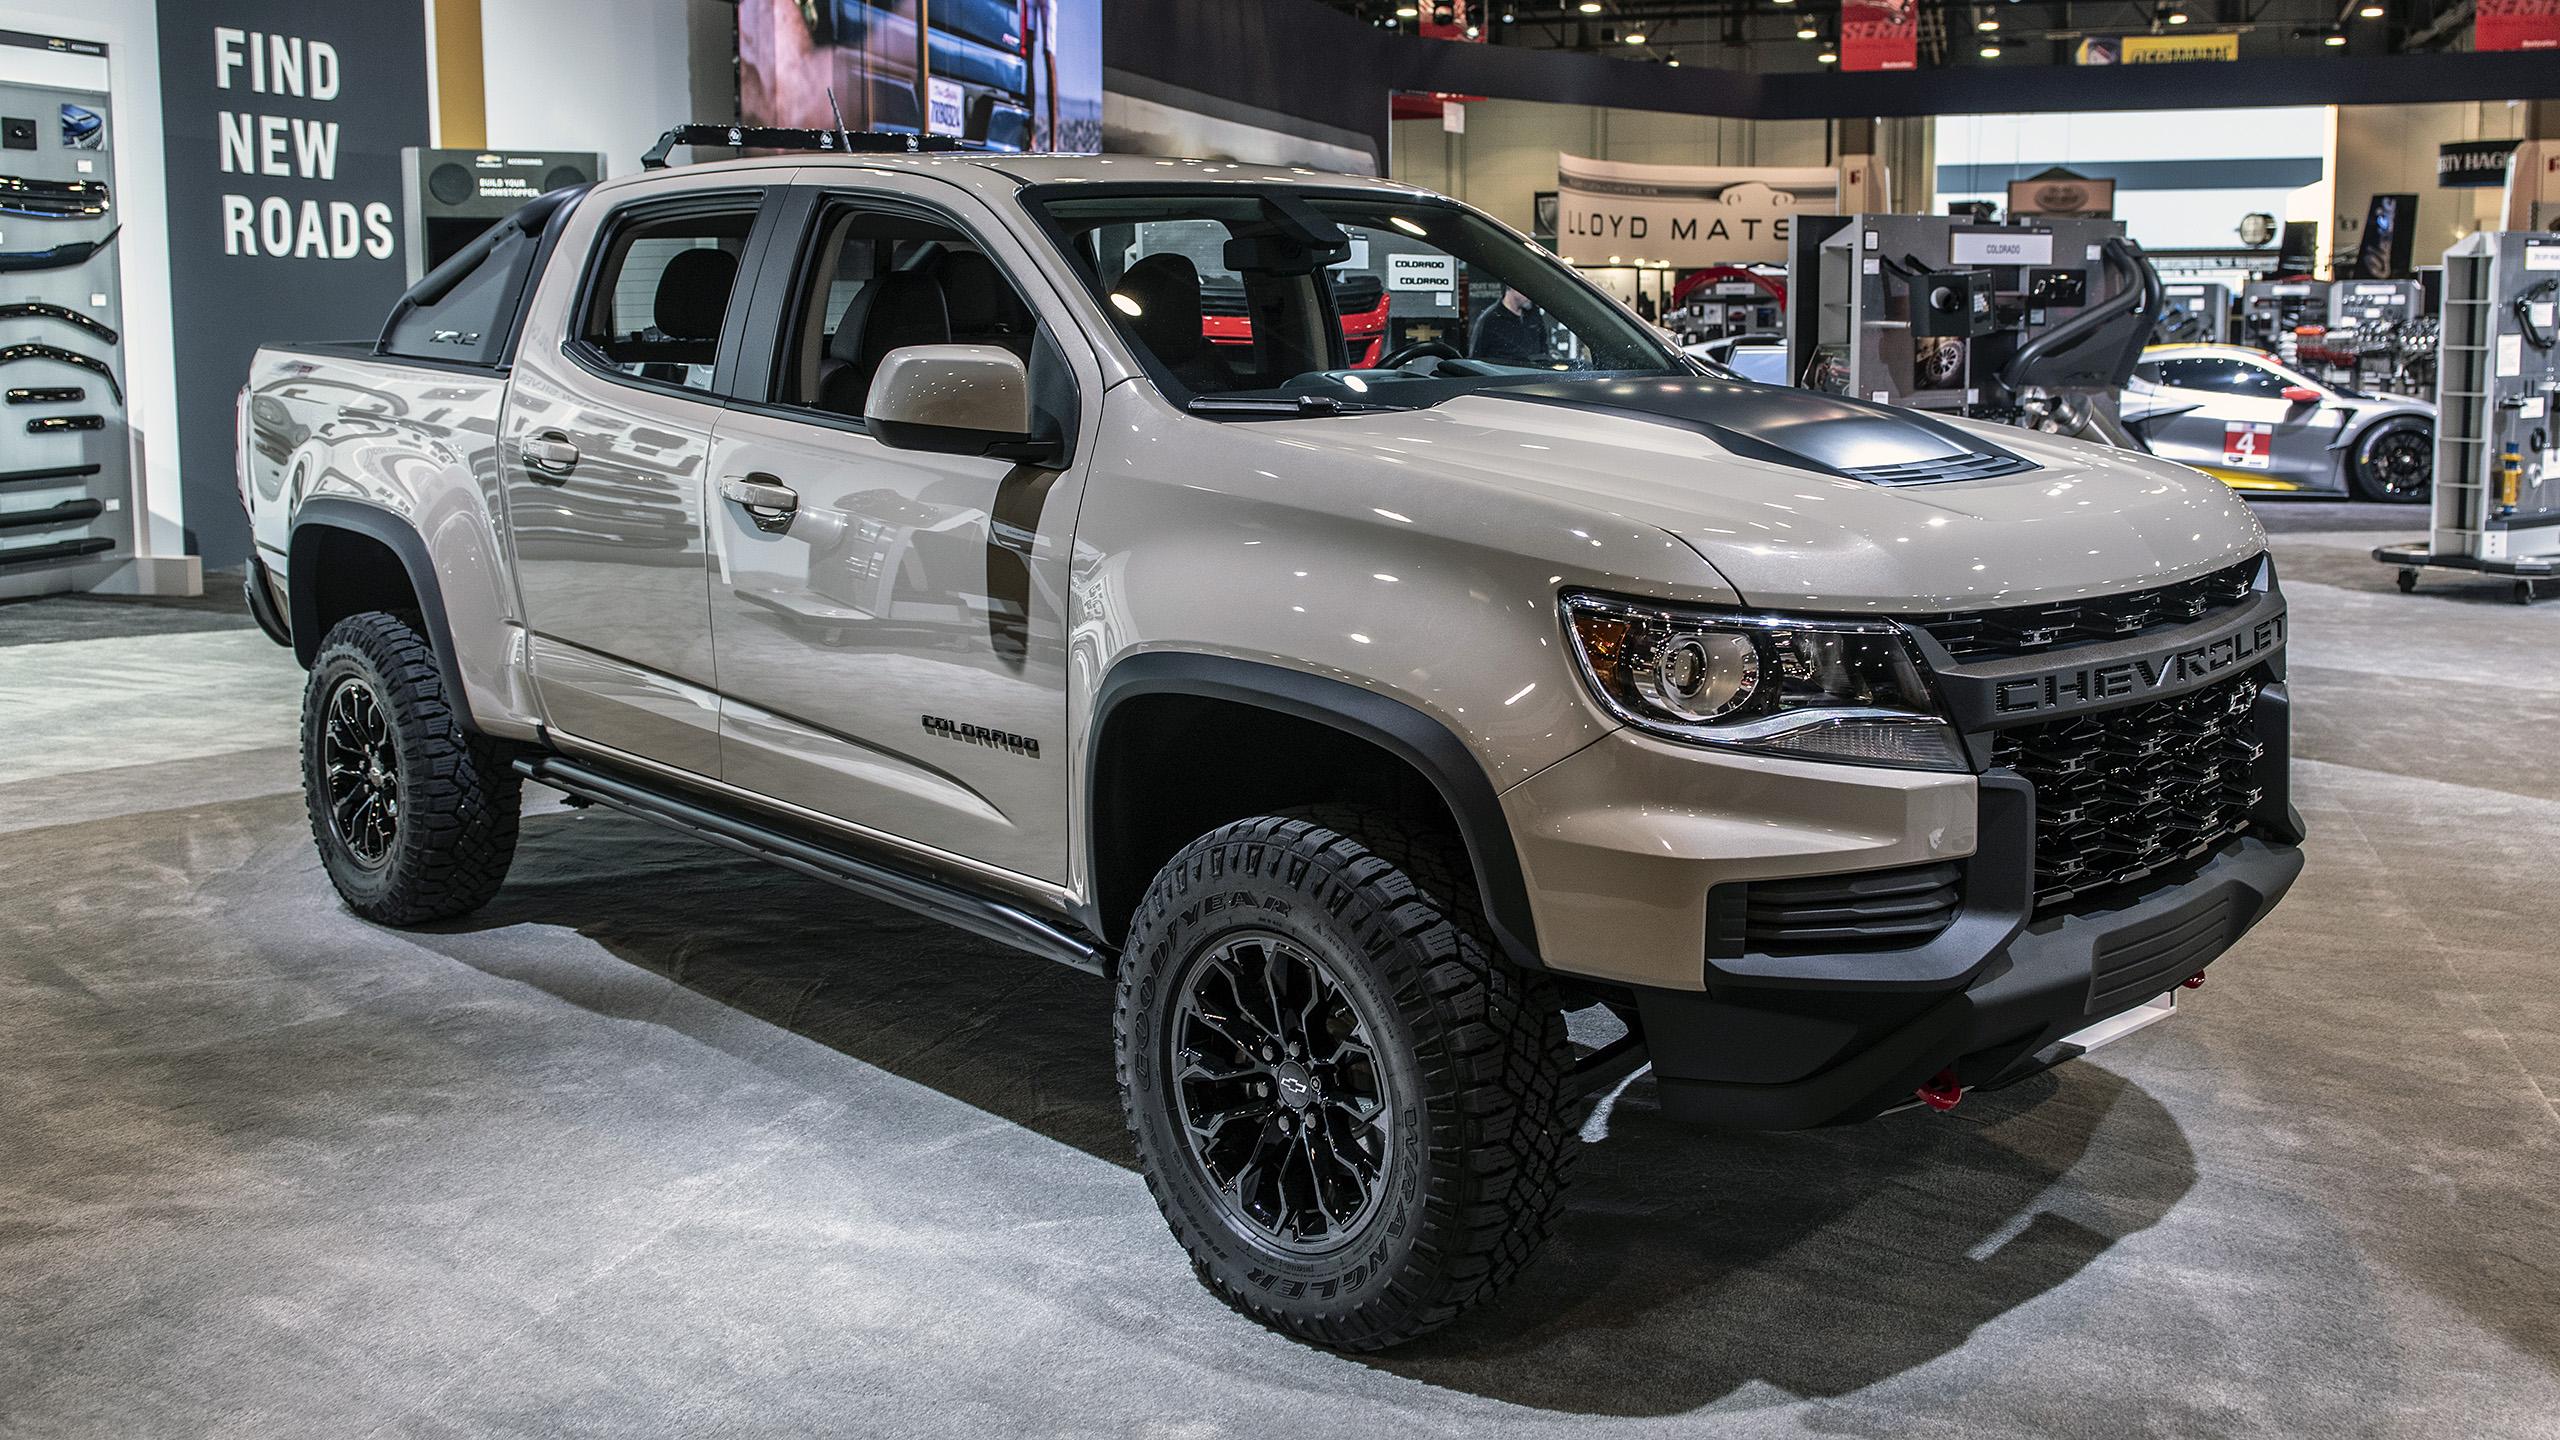 2021 Chevrolet Colorado Zr2 Dusk Edition Sema 2019 Photo Gallery Autoblog